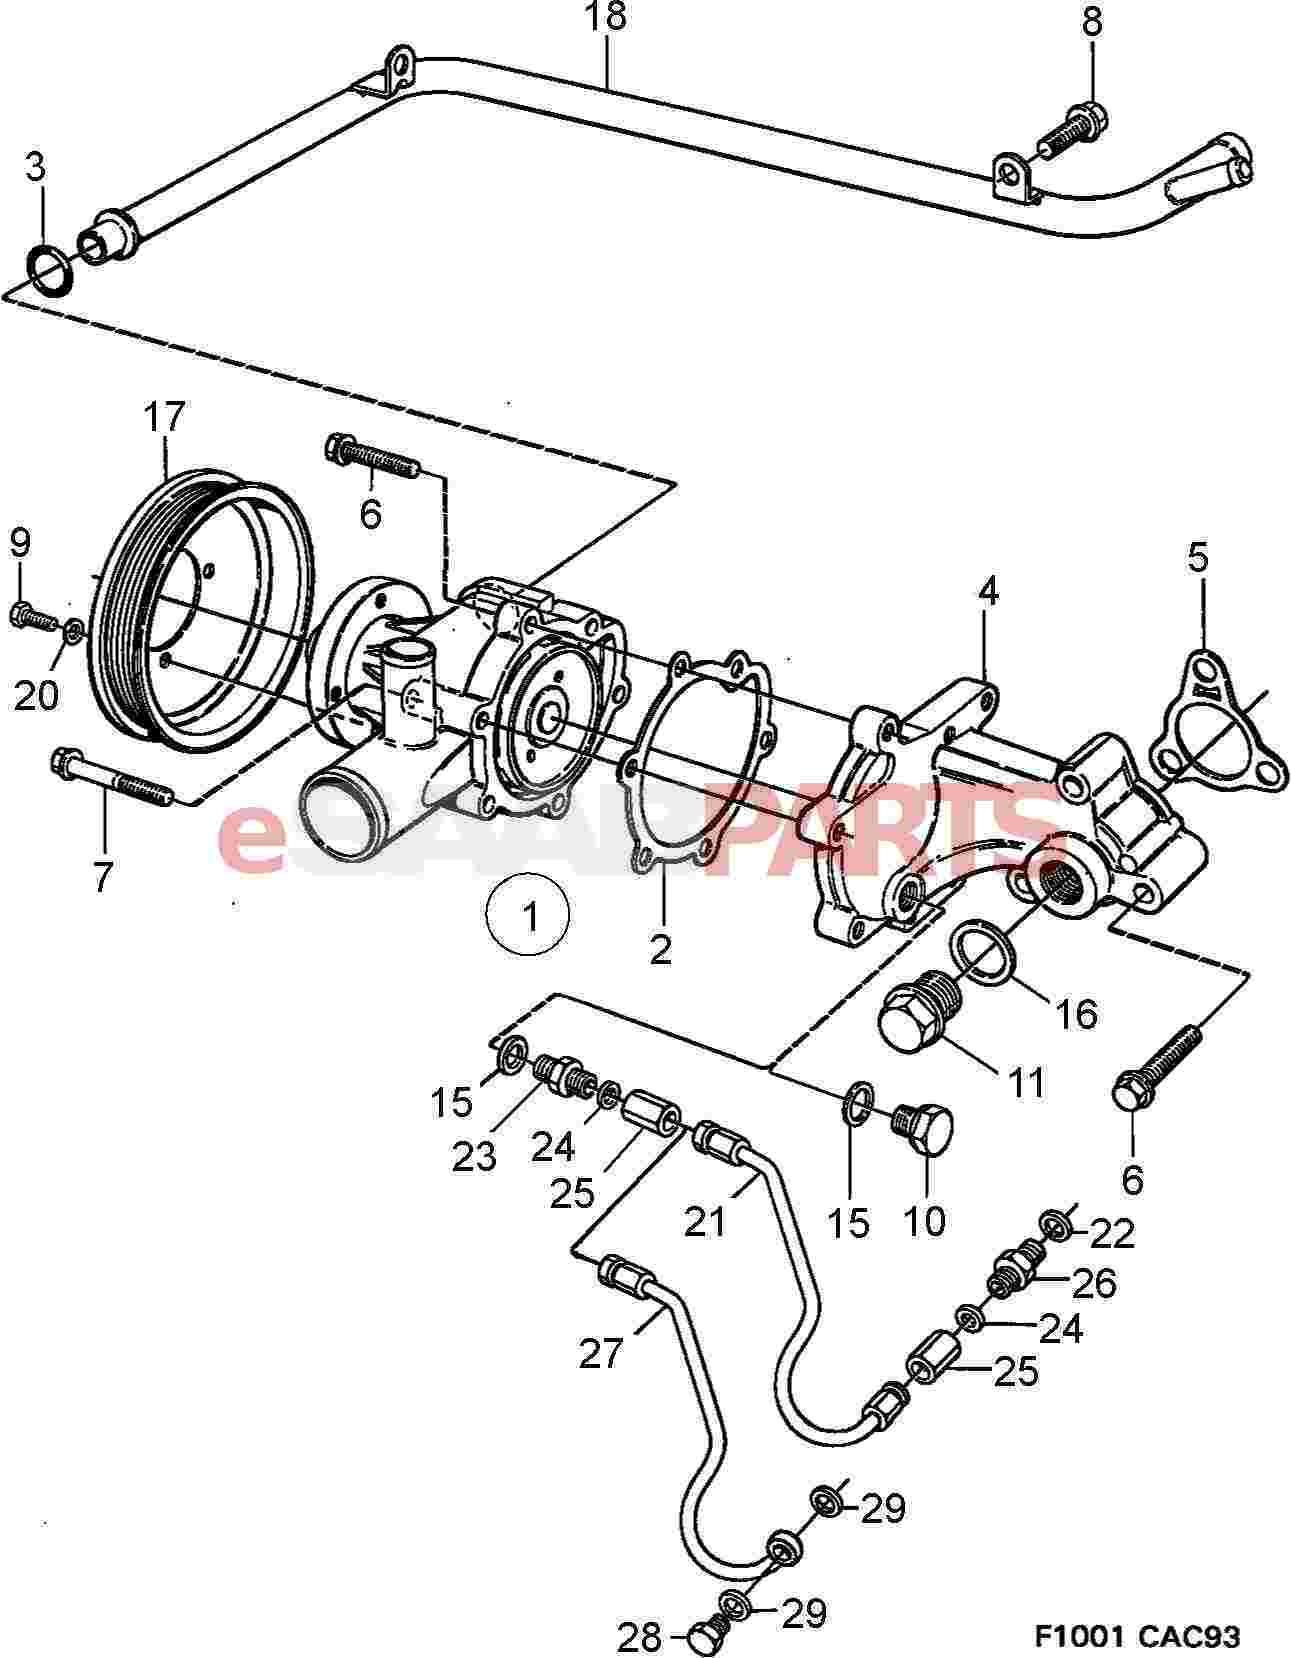 Diagram image 22